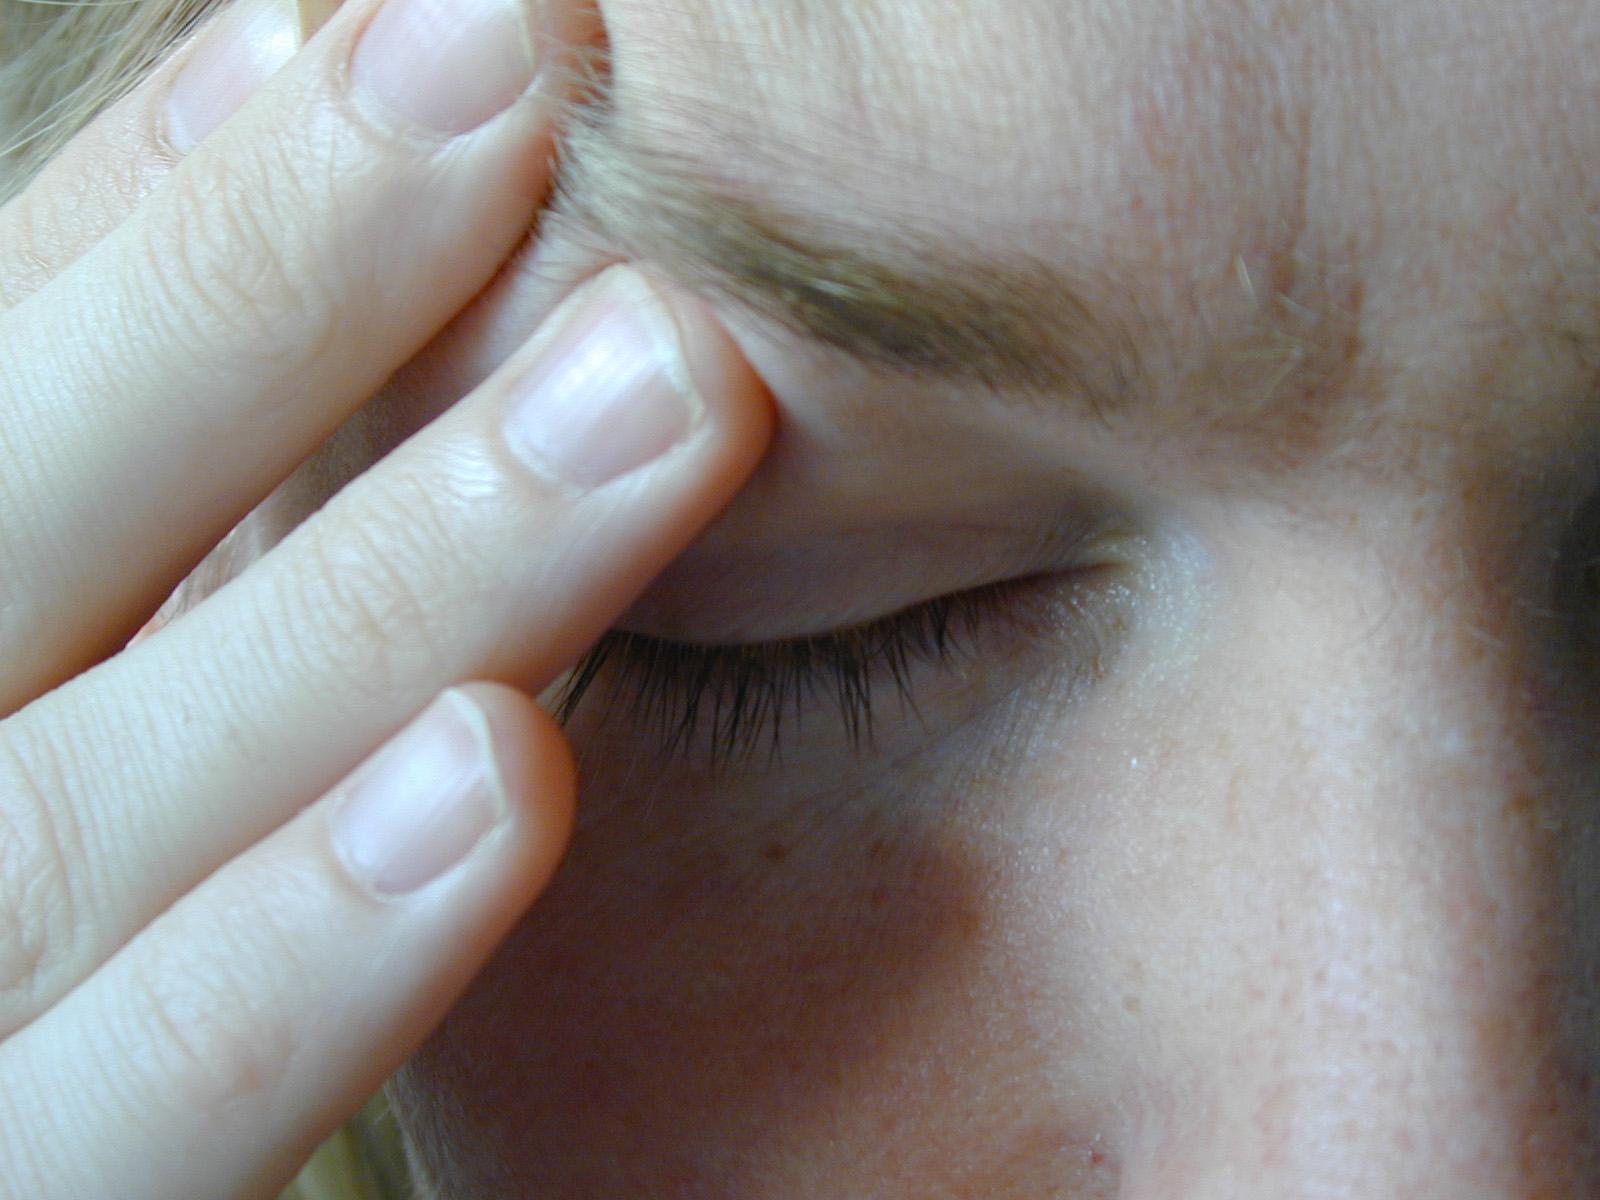 Los sonámbulos tienen más probabilidades de padecer dolores de cabeza y migrañas mientras están despiertos pero, paradójicamente, no sufren dolor si se lesionan dormidos. Imagen: stockarch. Fuente: MorgueFile.